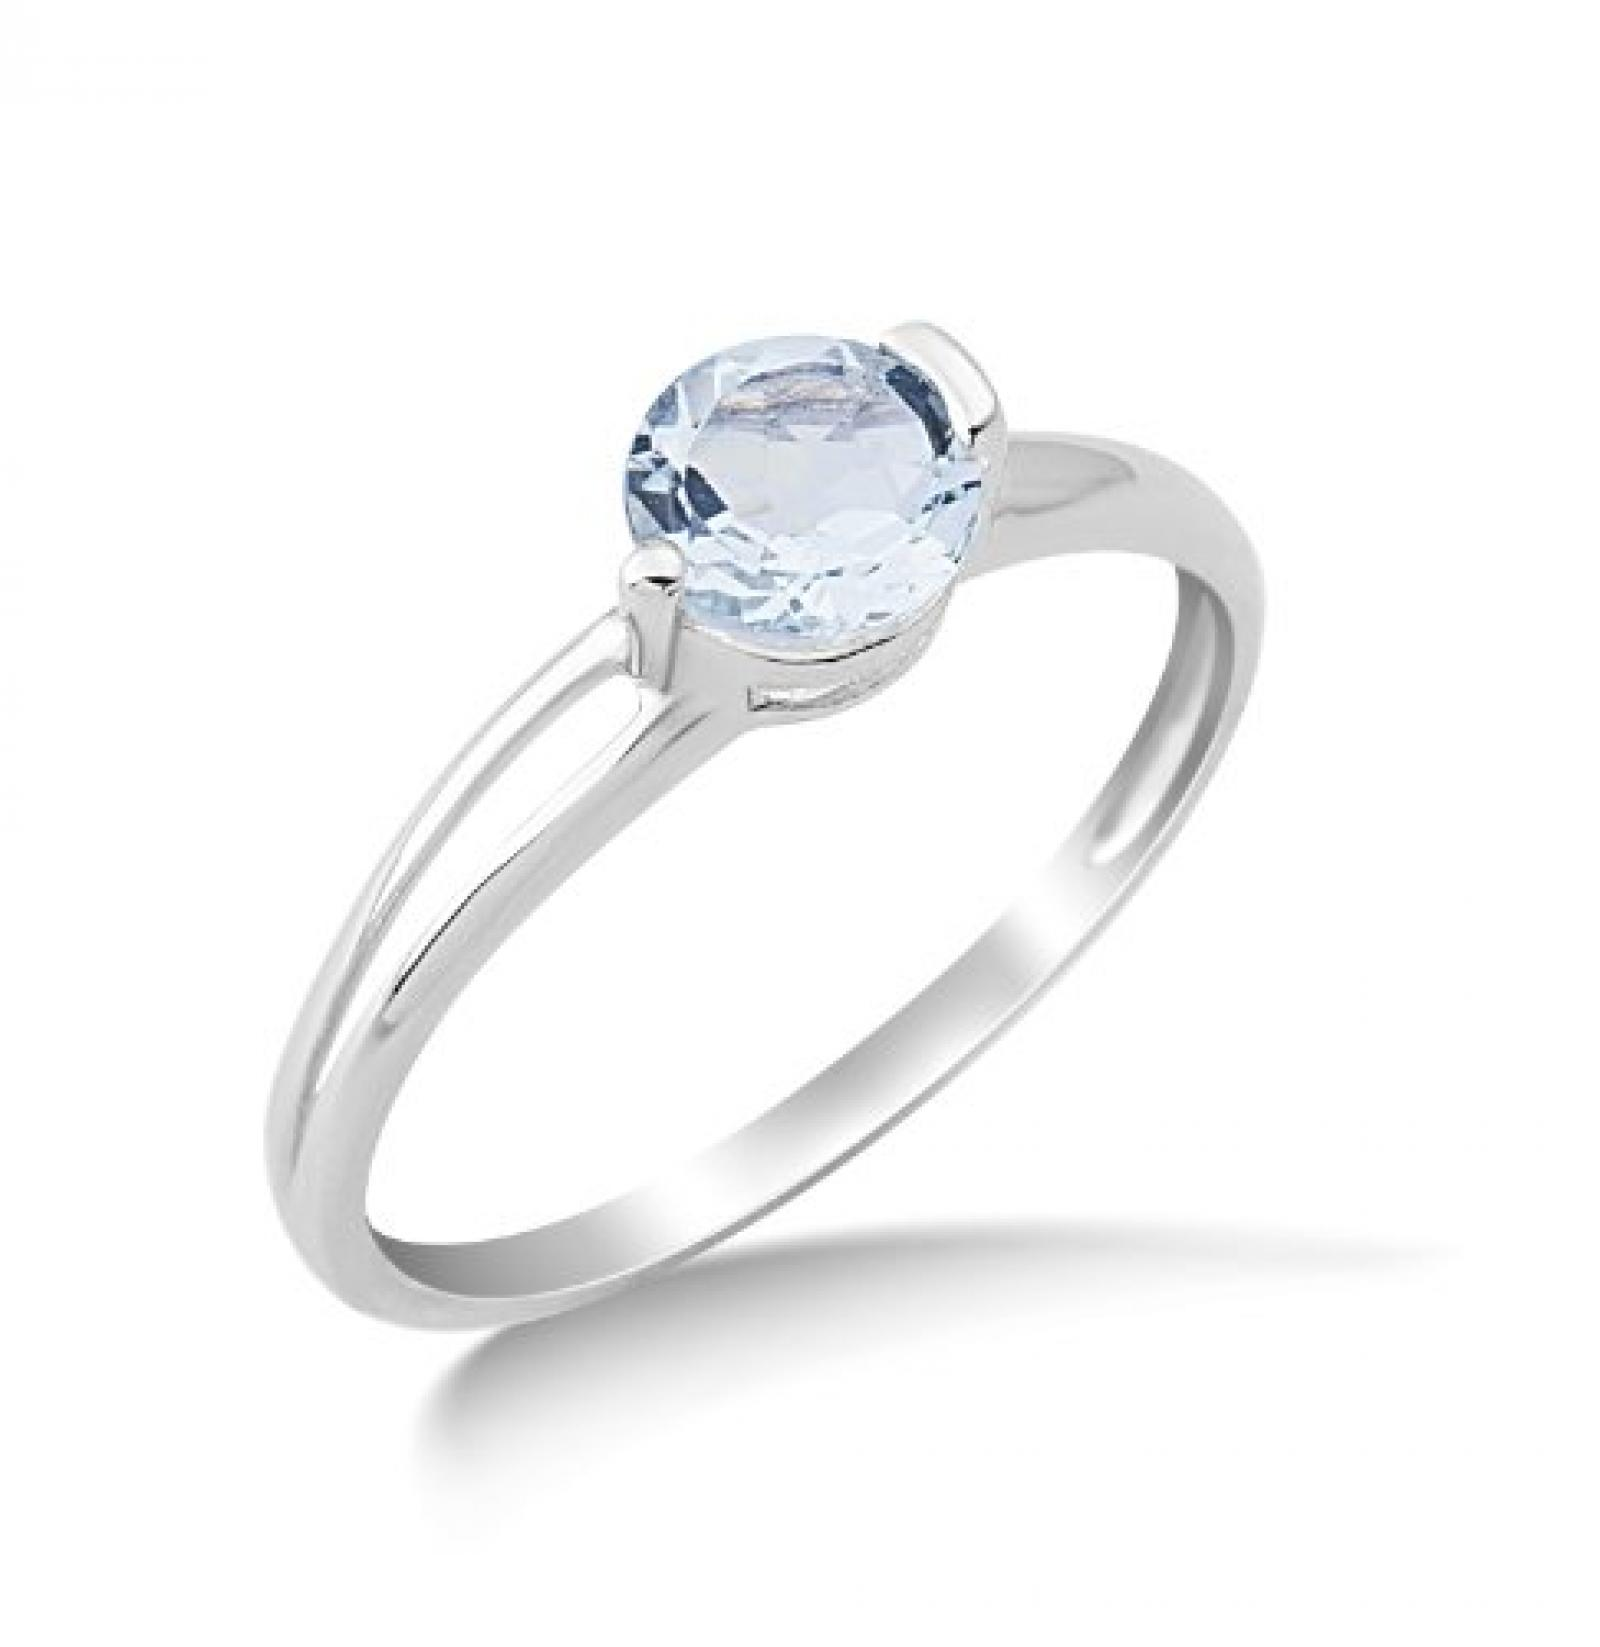 Miore Damen-Ring mit Aquamarin 9 Karat 375 Weißgold Gr. 52 (16.6) MG9087R2